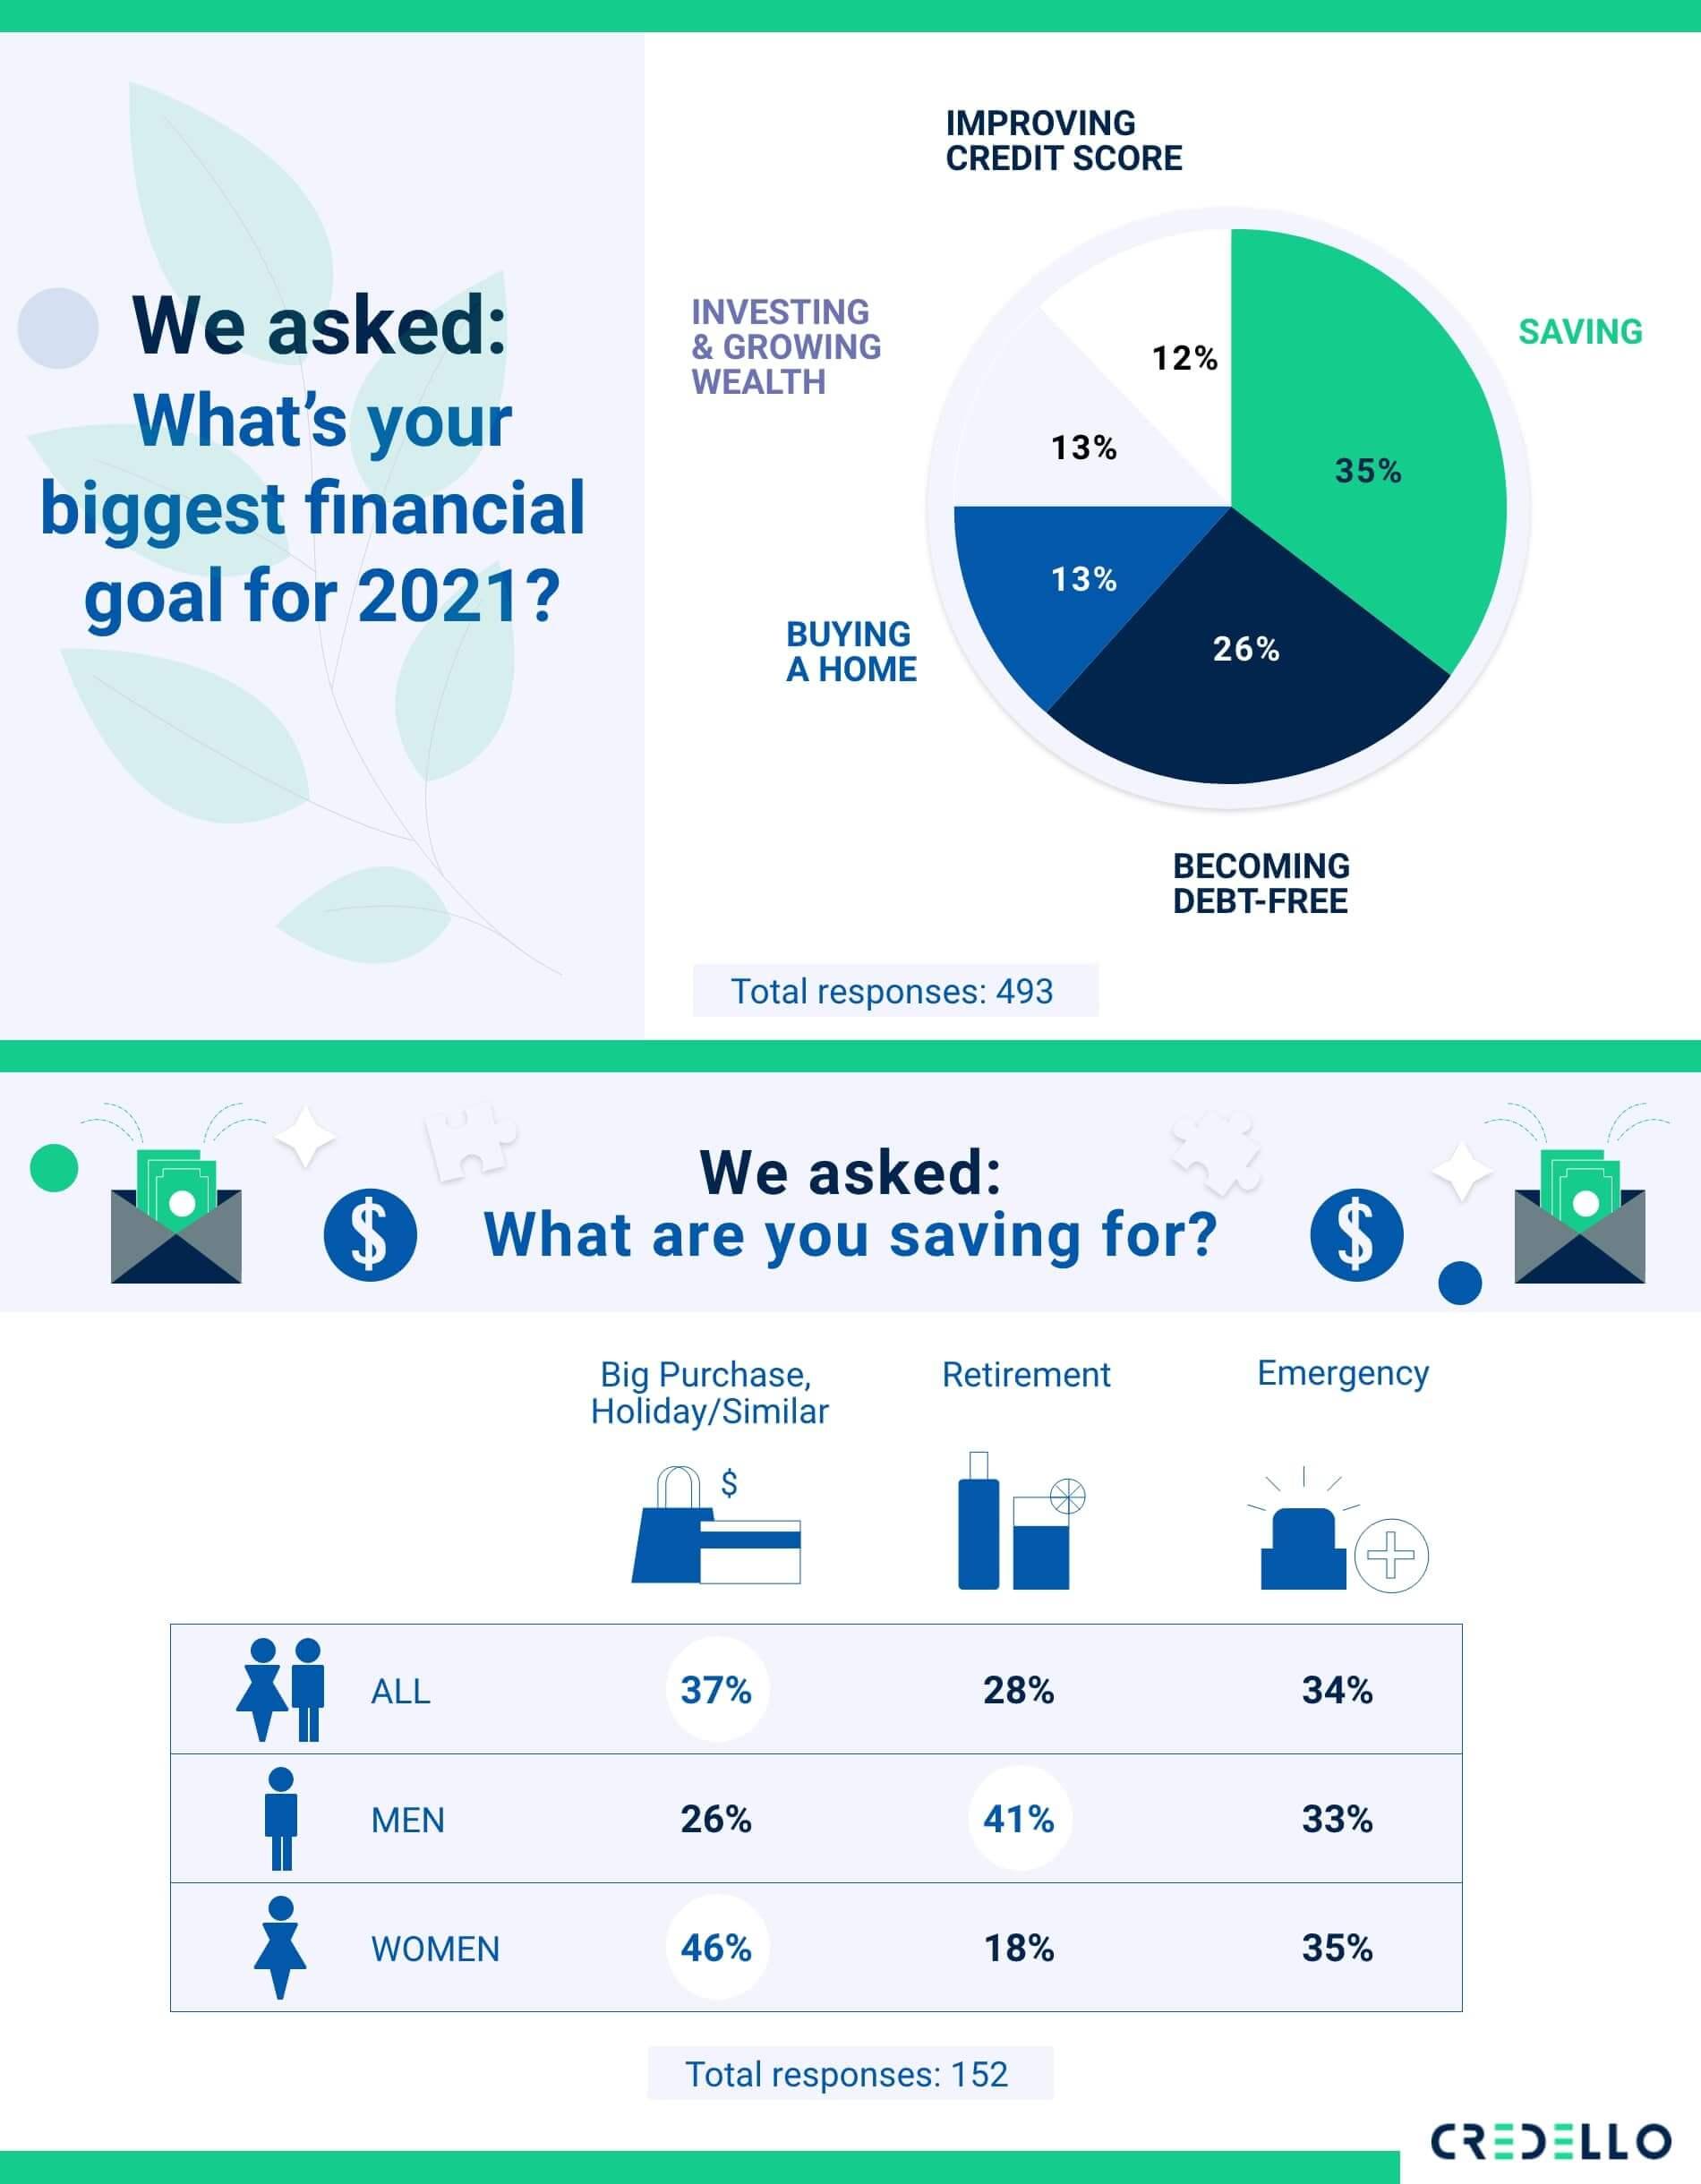 millennials biggest financial goal for 2021 - saving